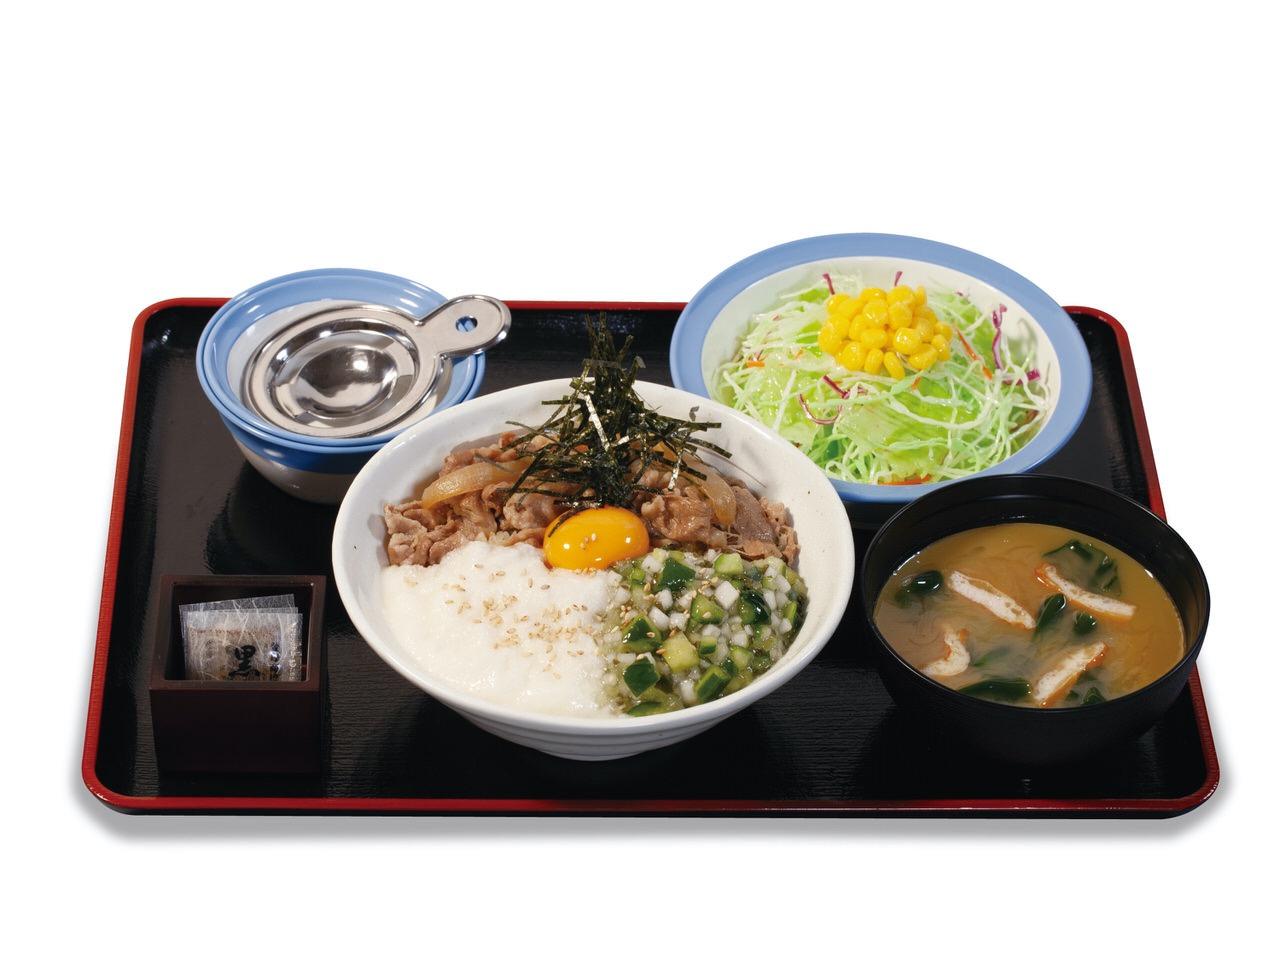 【松屋】茎わさび&とろろ!夏のネバトロは絶対に美味いはず「山形だしの三色丼」8月4日発売